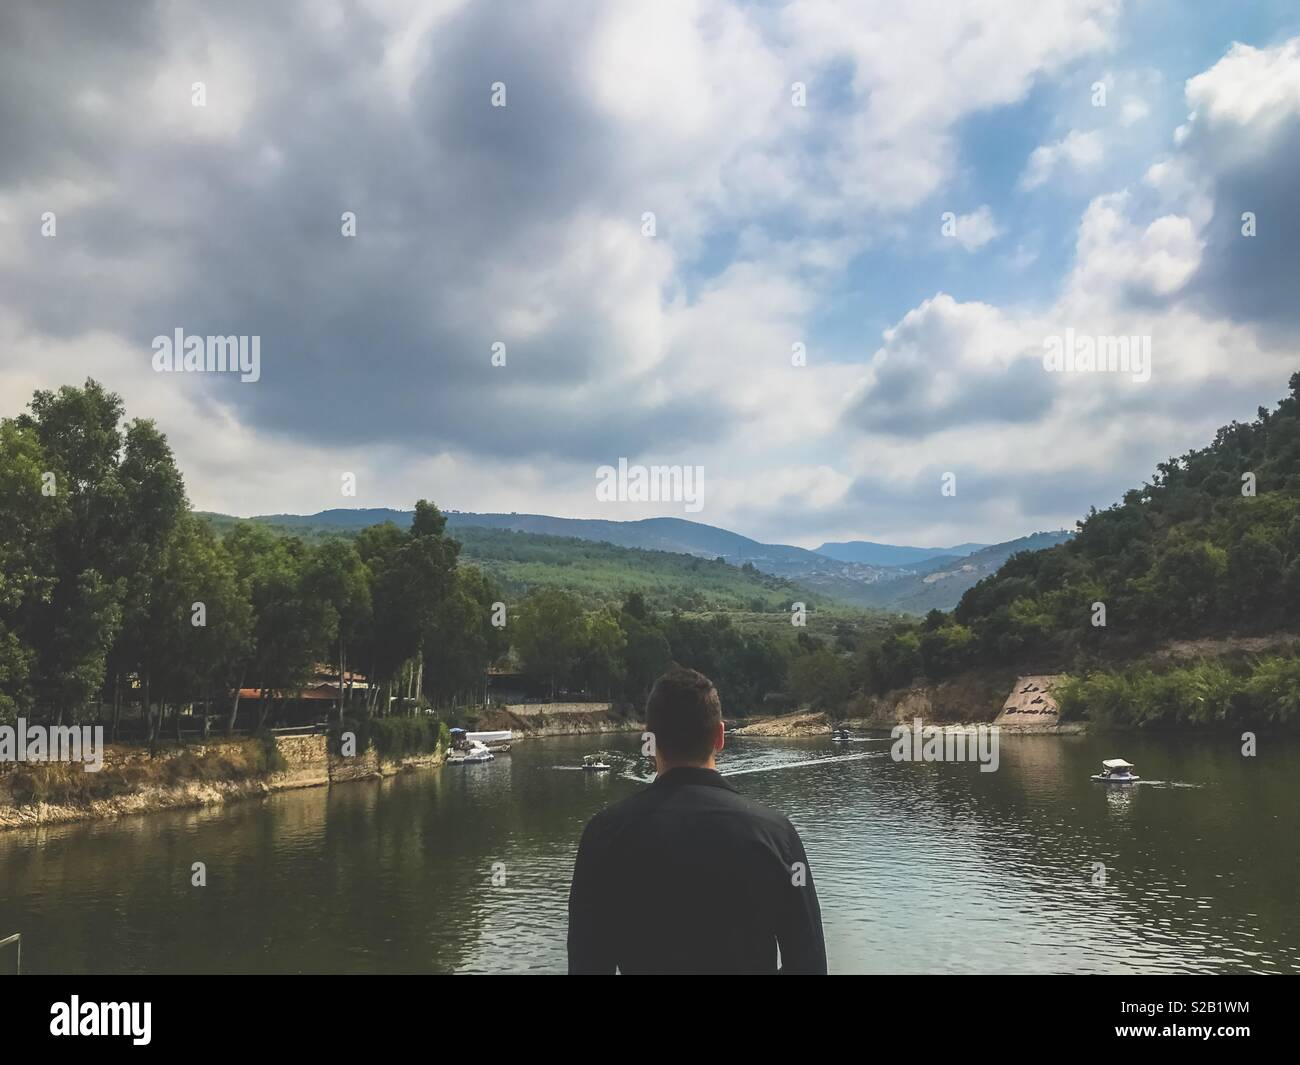 Millenial uomo guardando lo splendido lago bnachii in Libano Immagini Stock